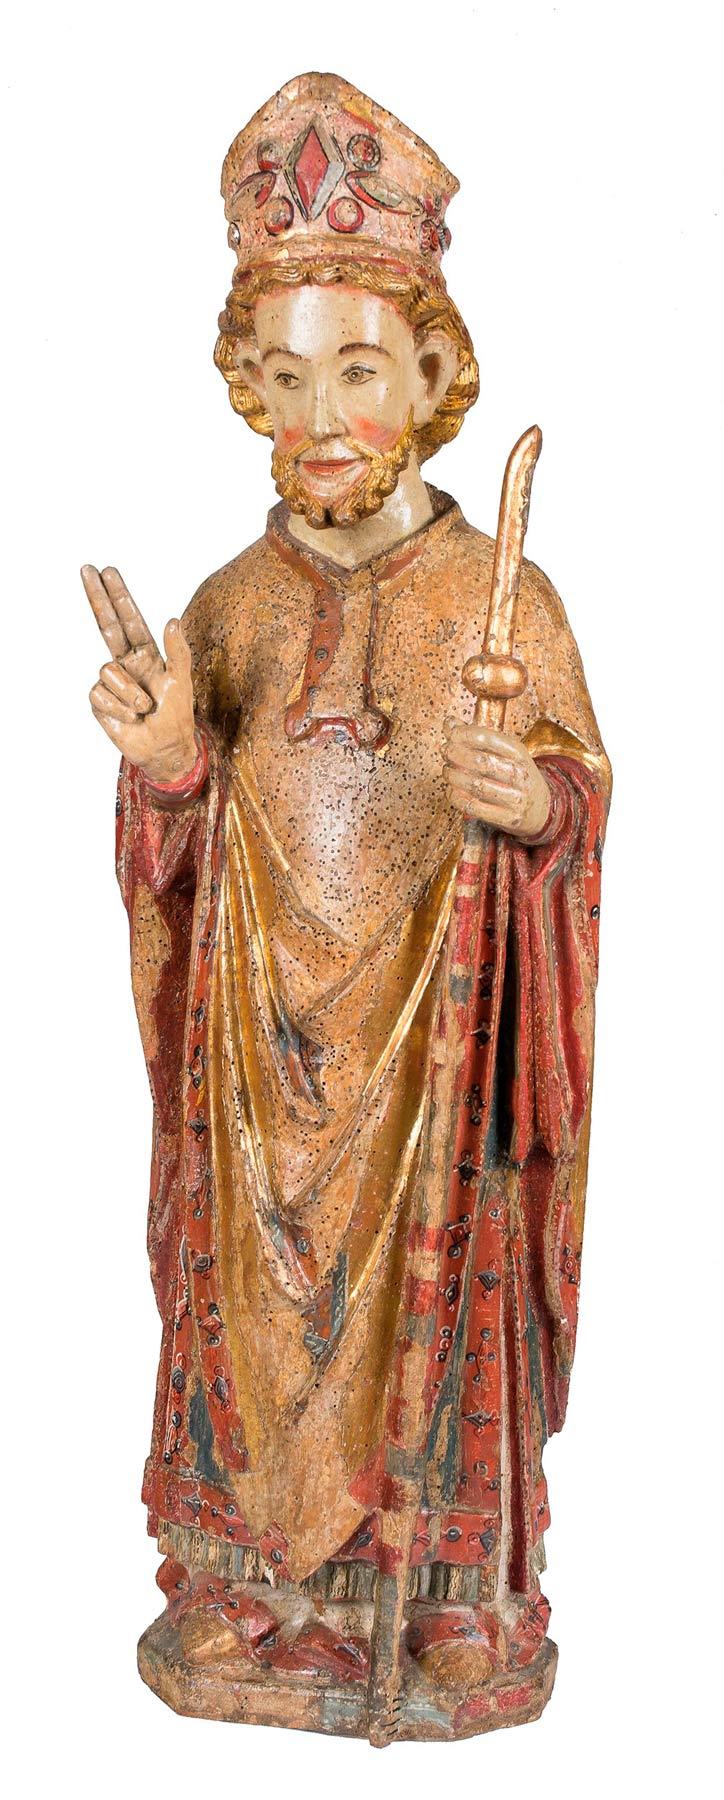 fl018_01-San-Agustín-escultura-en-madera-tallada,-dorada-y-policromada.-Transición-entre-el-Románico-y-el-Gótico.-Hacia-1300.07